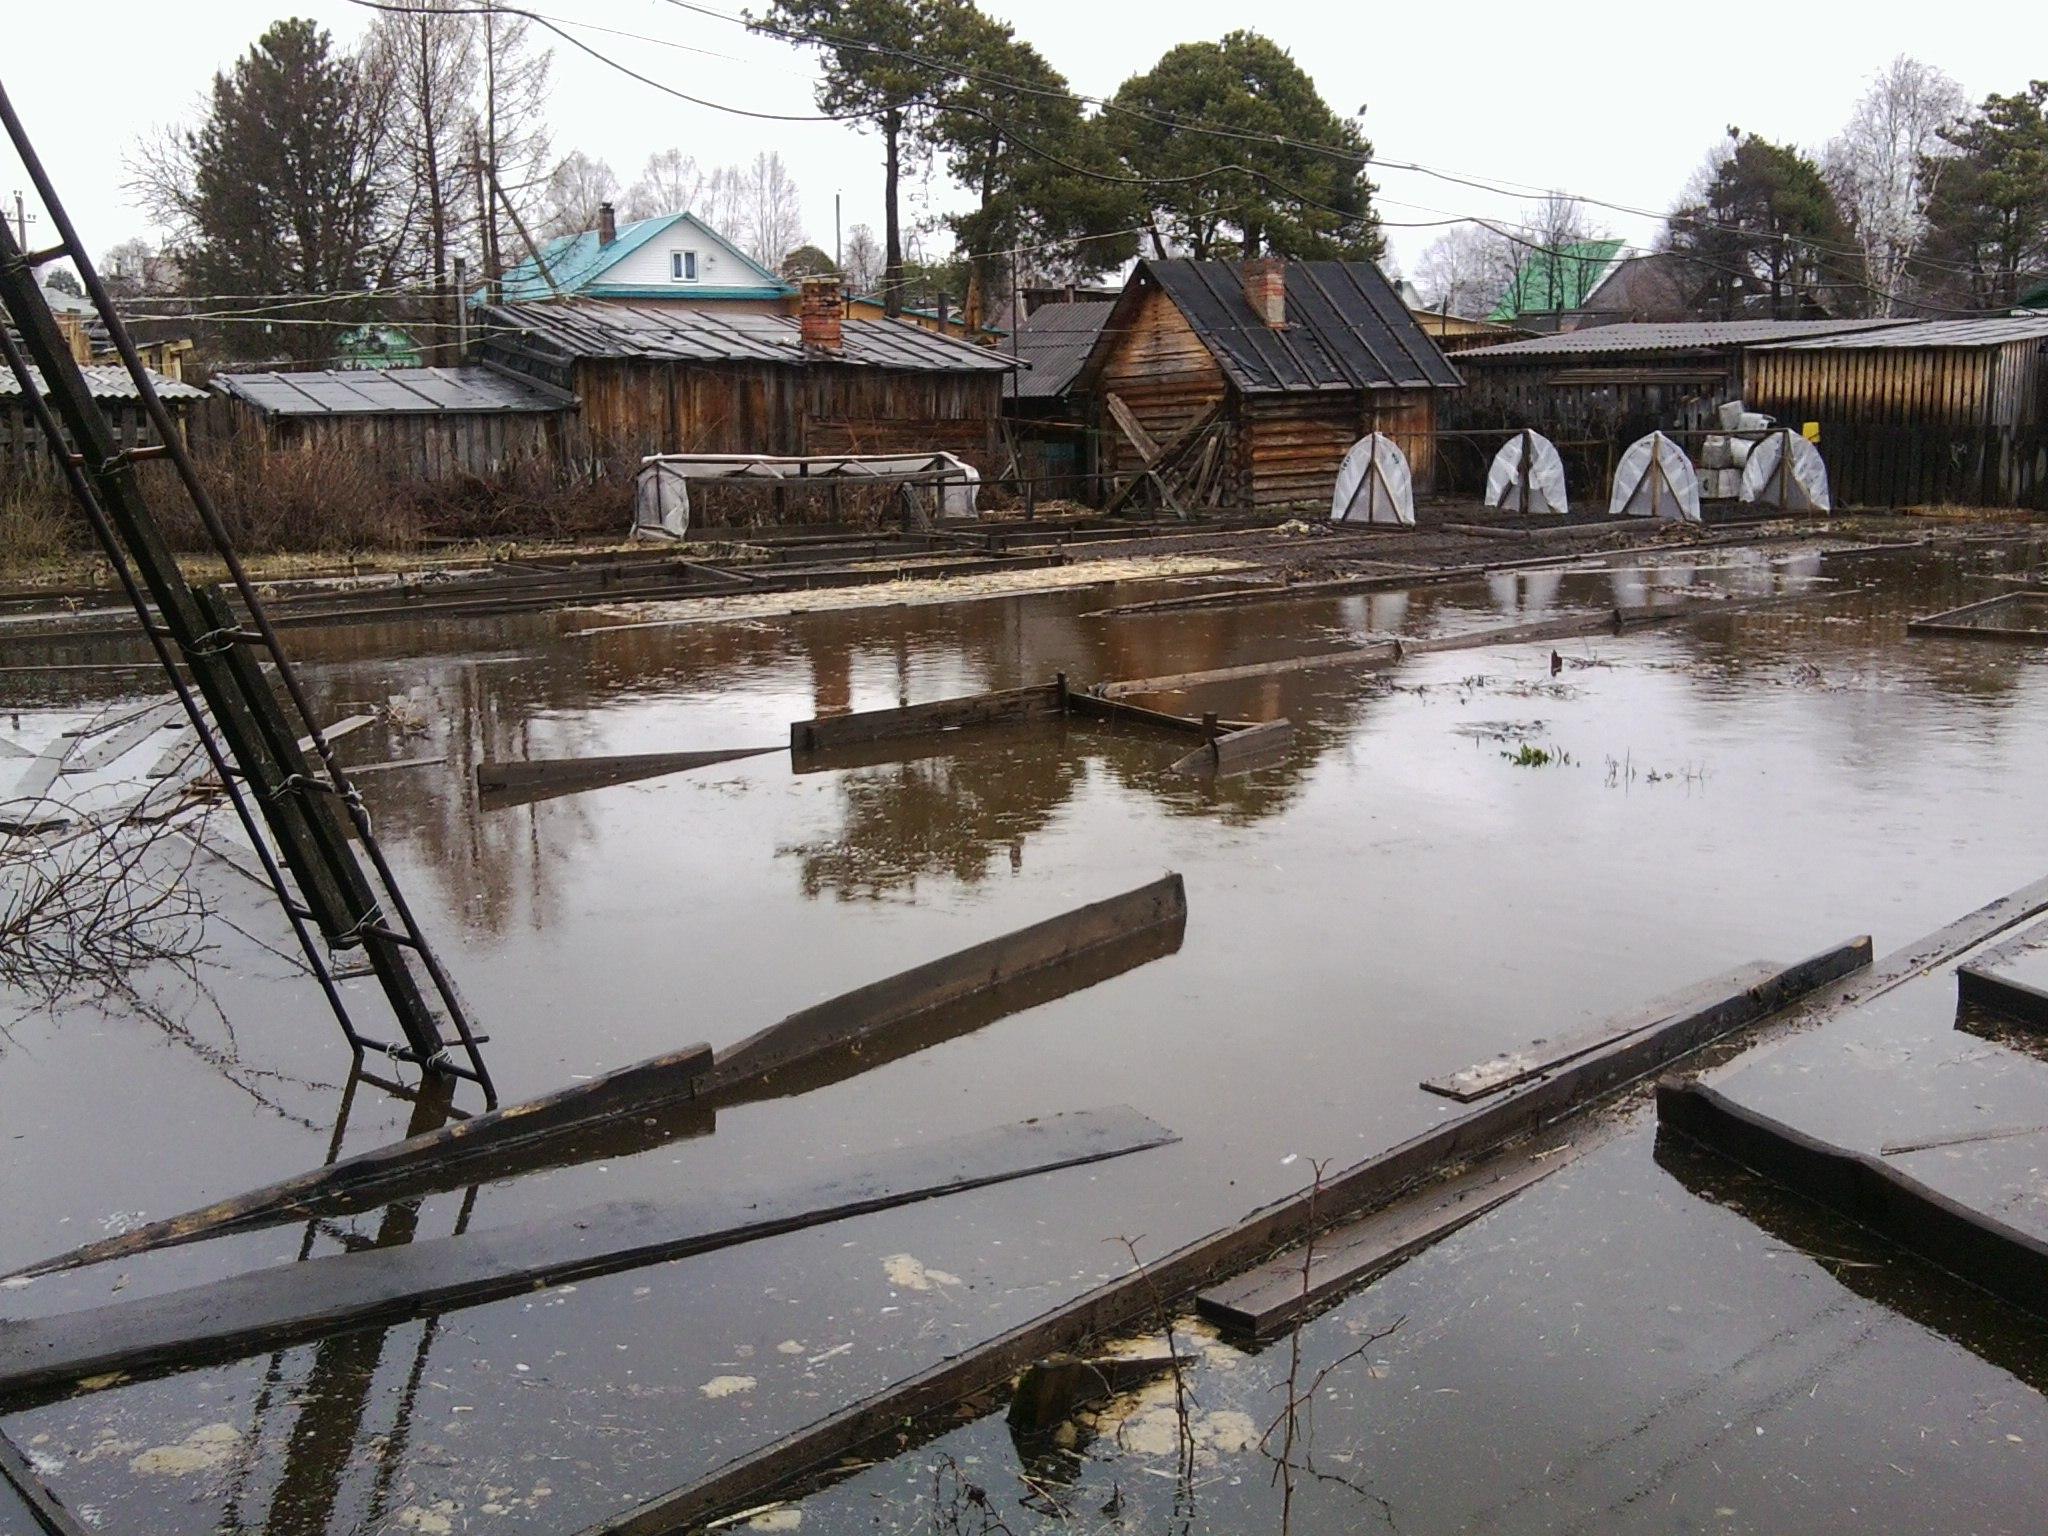 Режим ЧС введен в Никольском районе из-за наводнения